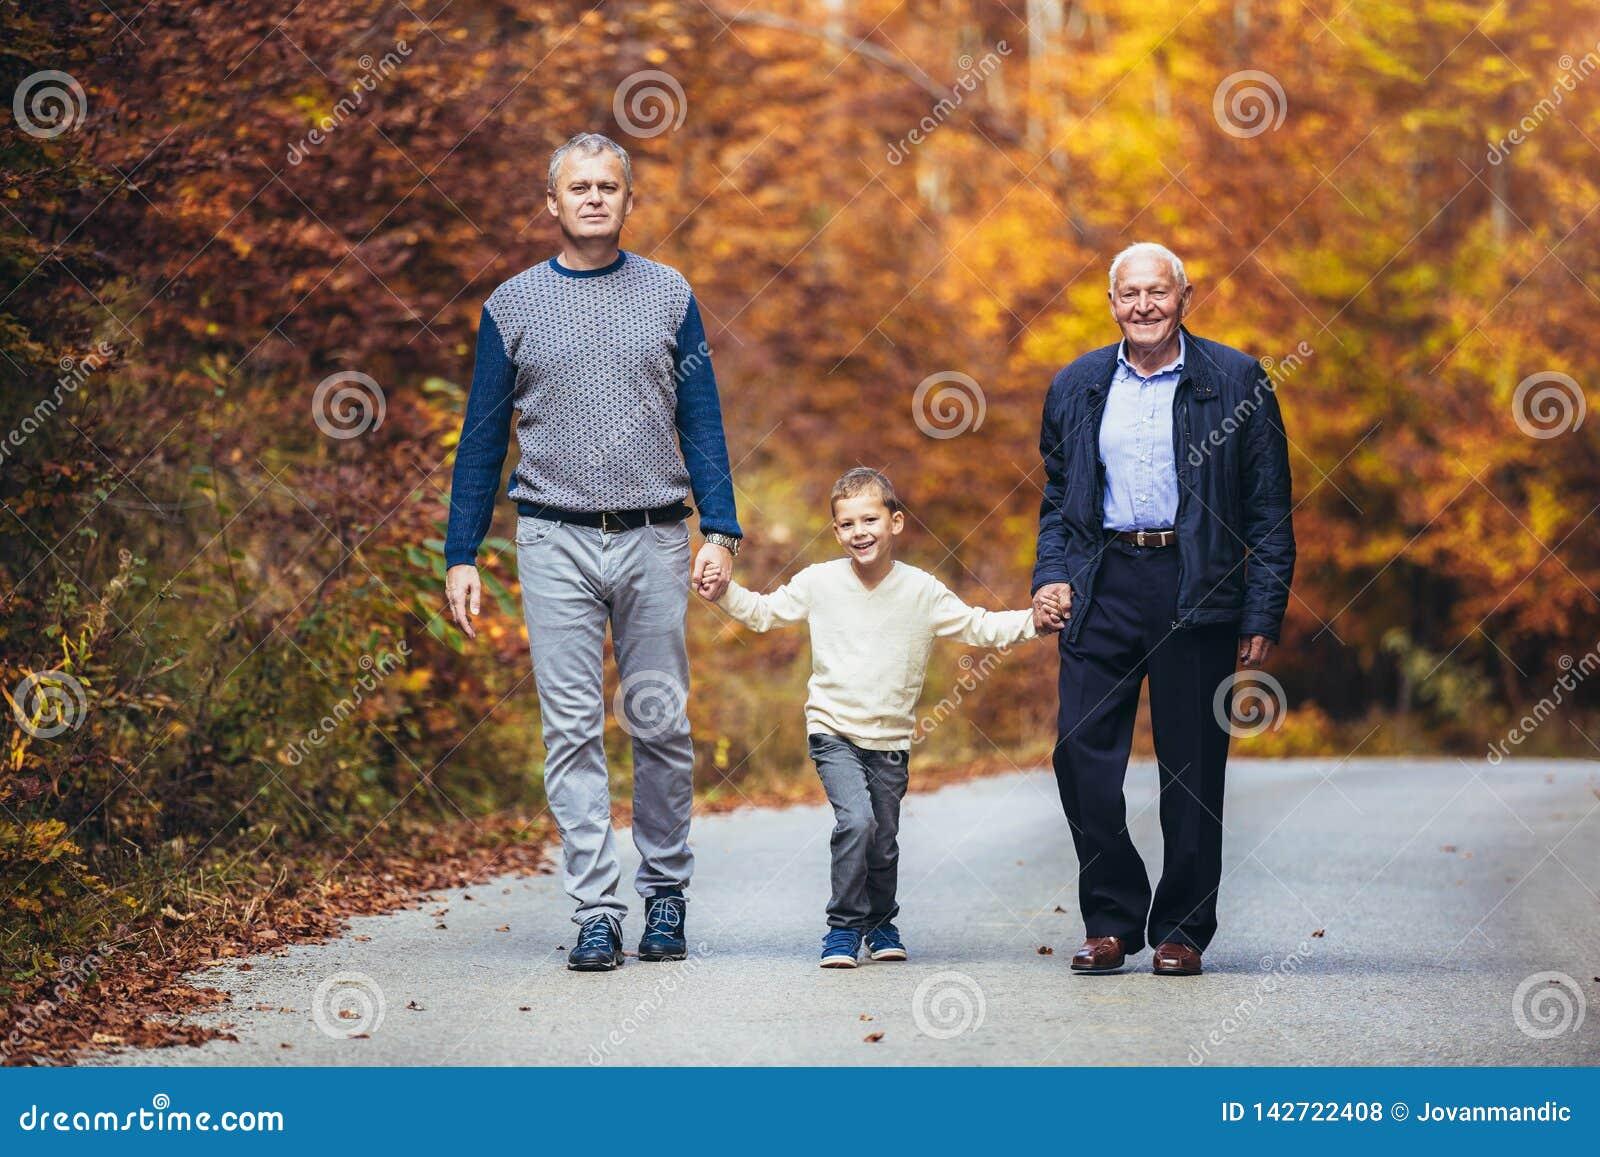 Сын и внук пожилого отца взрослый вне для прогулки в парке